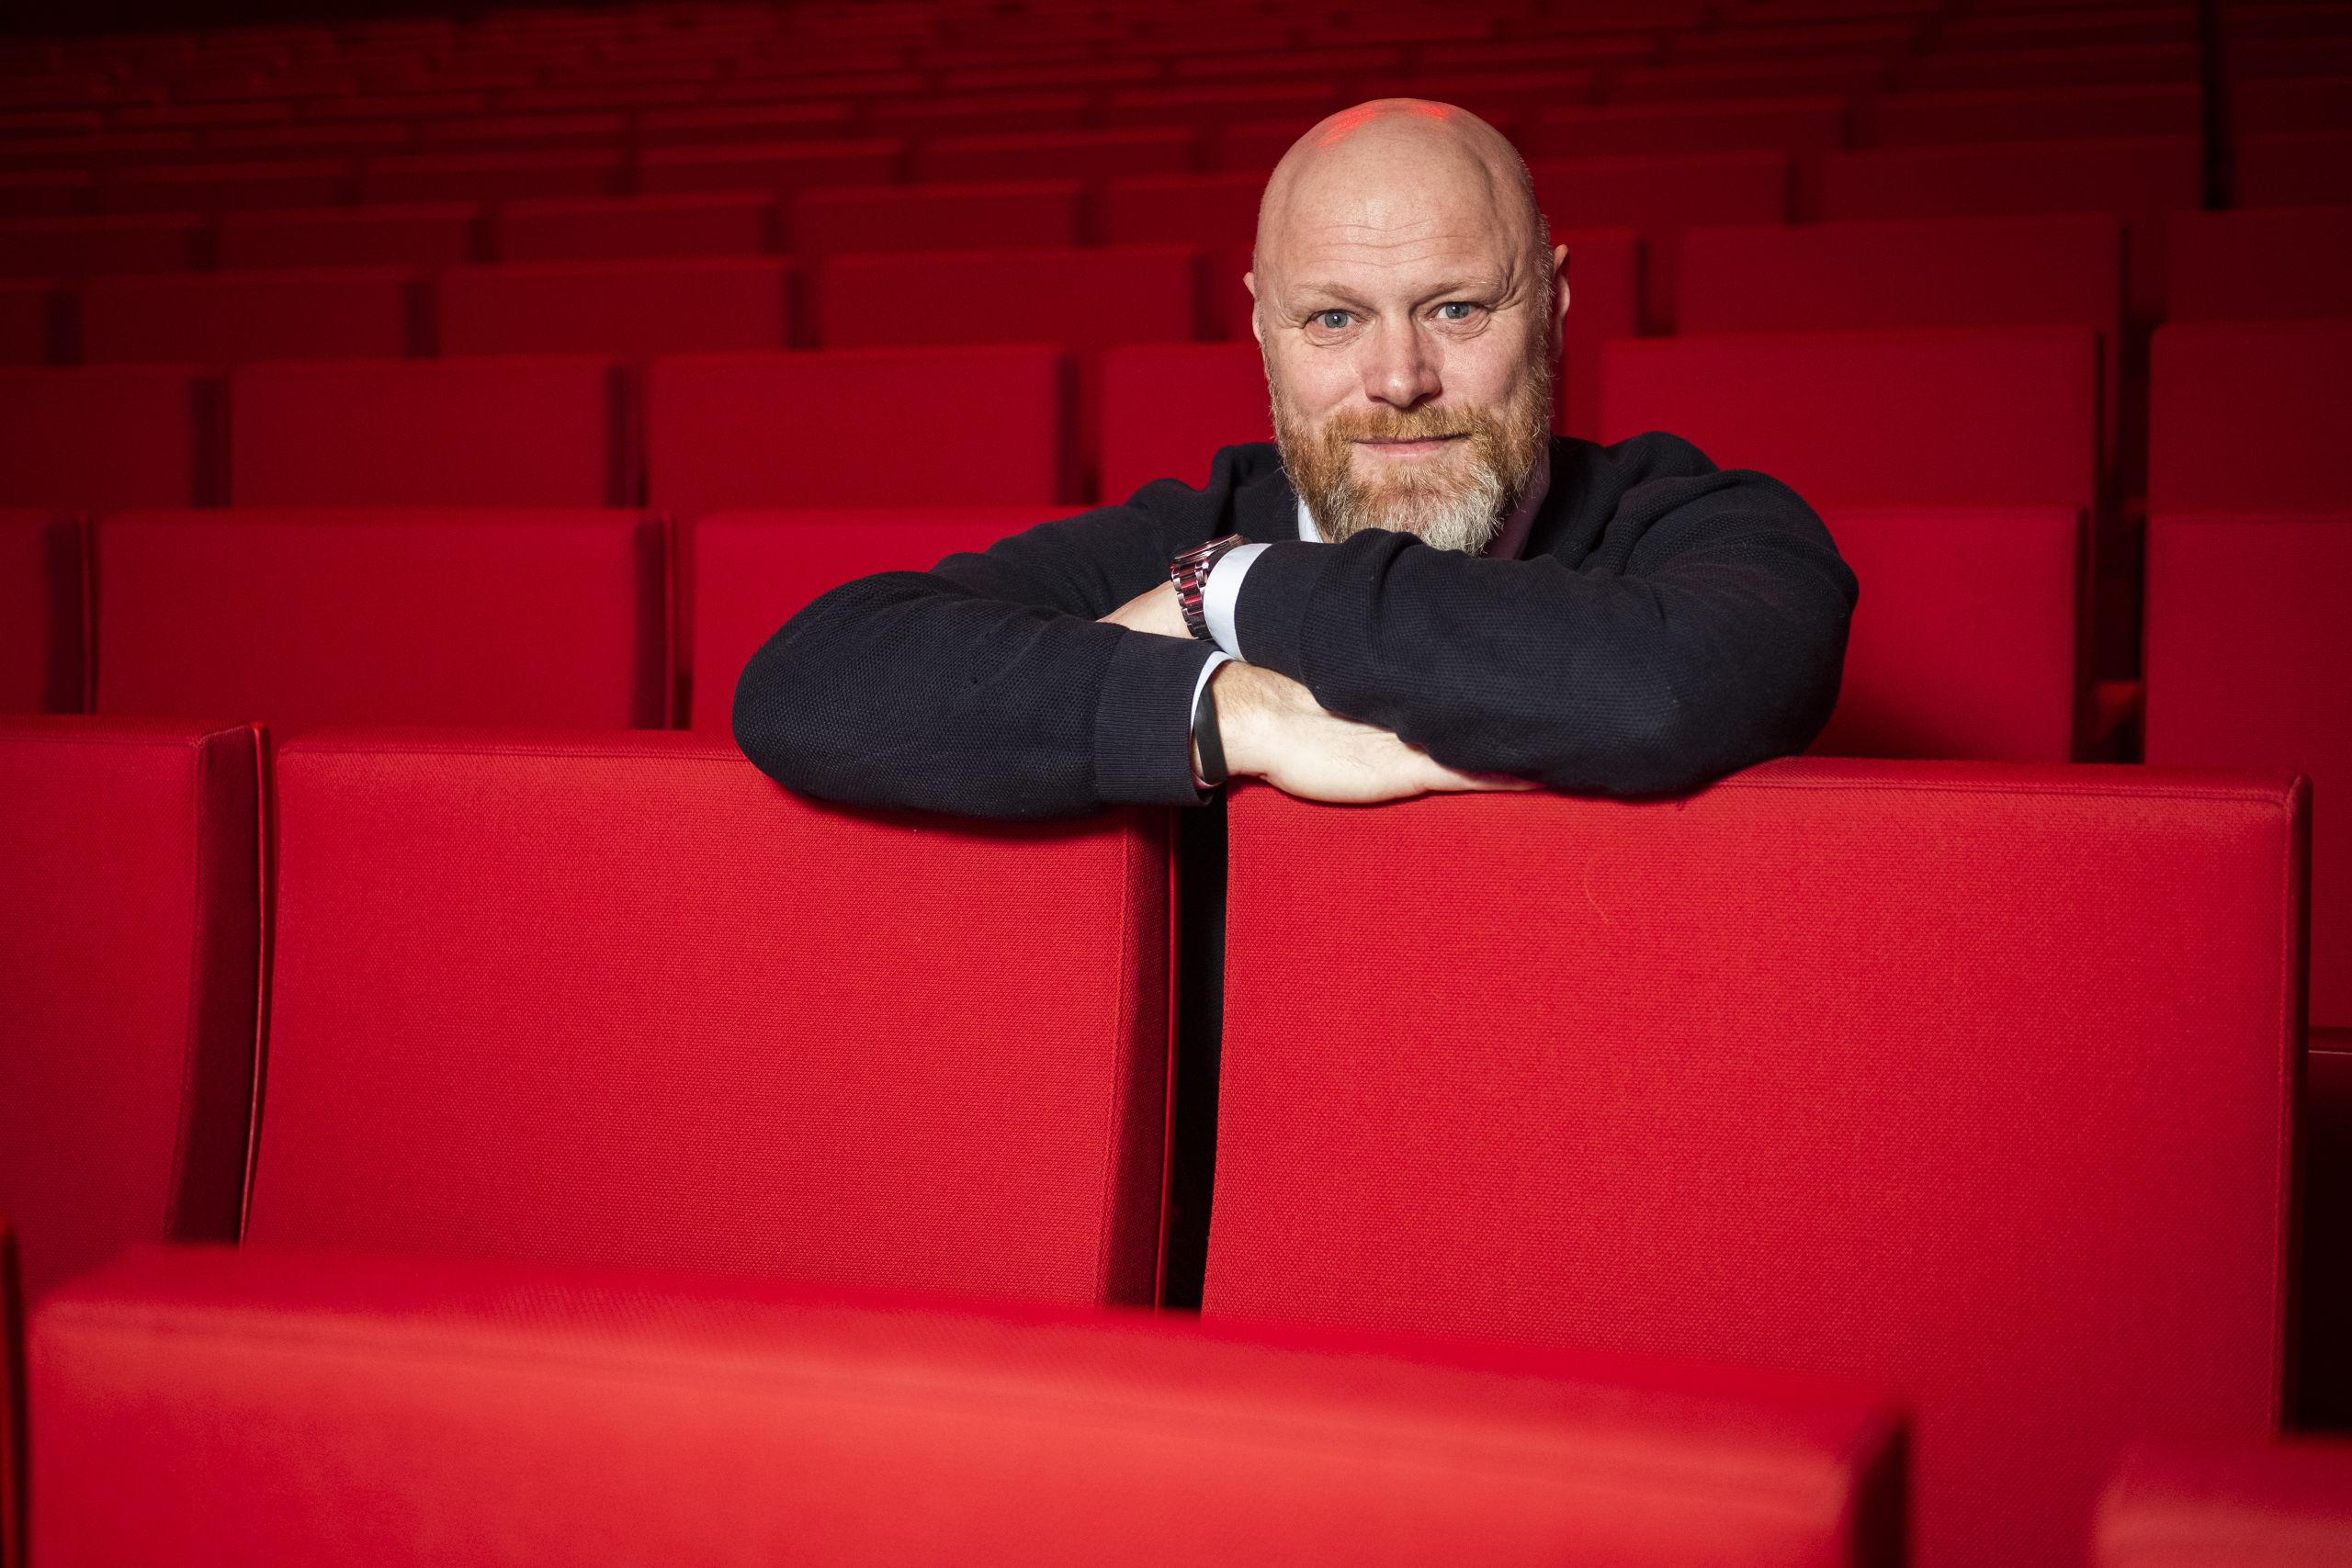 Det gør Mads Steffensen stolt, at de store shows kommer til Aalborg, og at byen bakker så godt op omkring dem. Foto: Lasse Sand